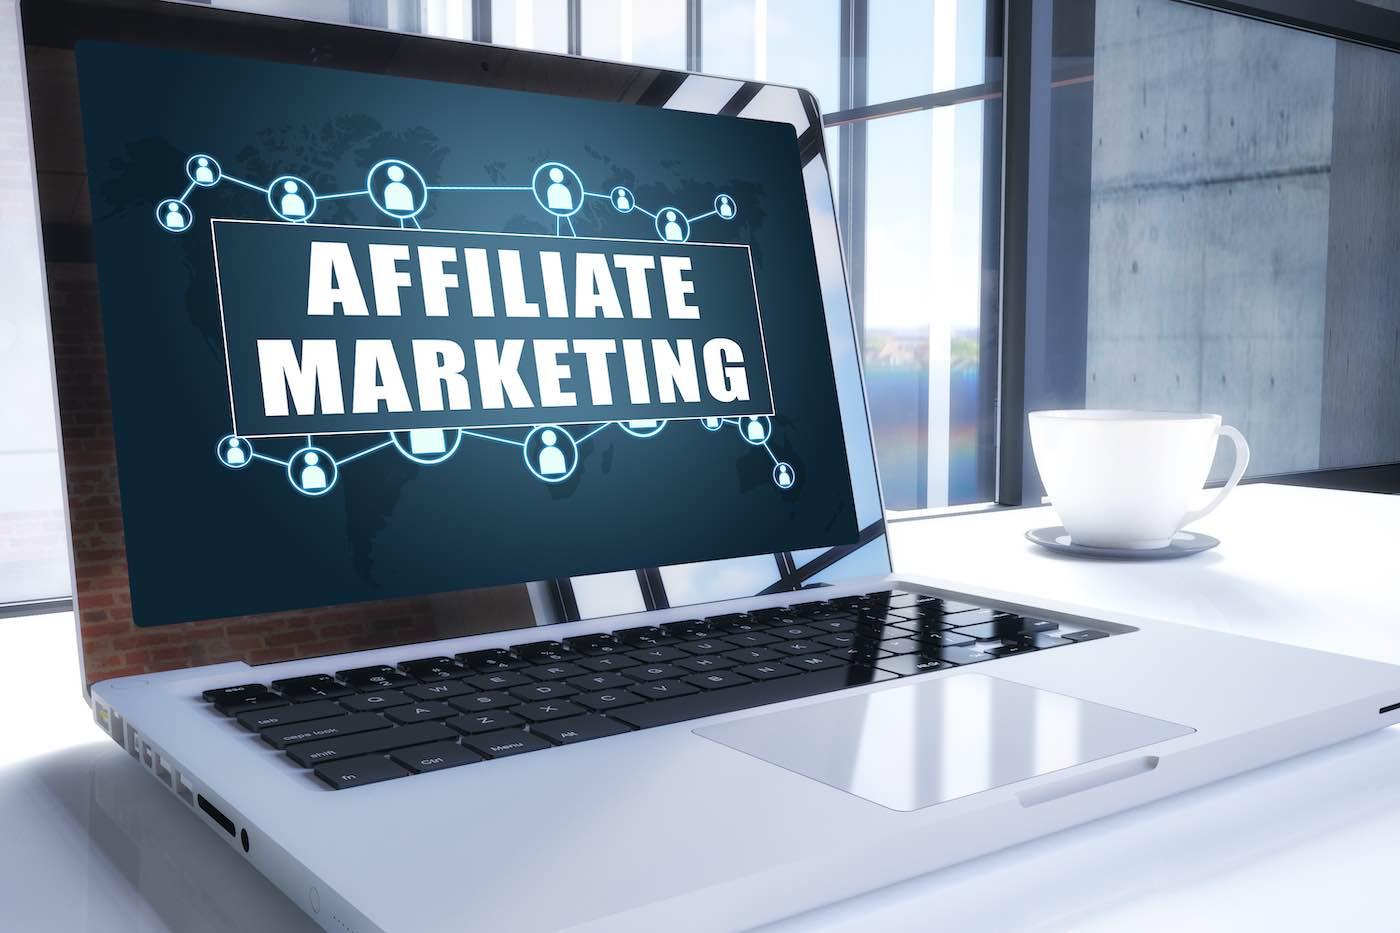 Por qué las plataformas de formación online deberían considerar el marketing de afiliados